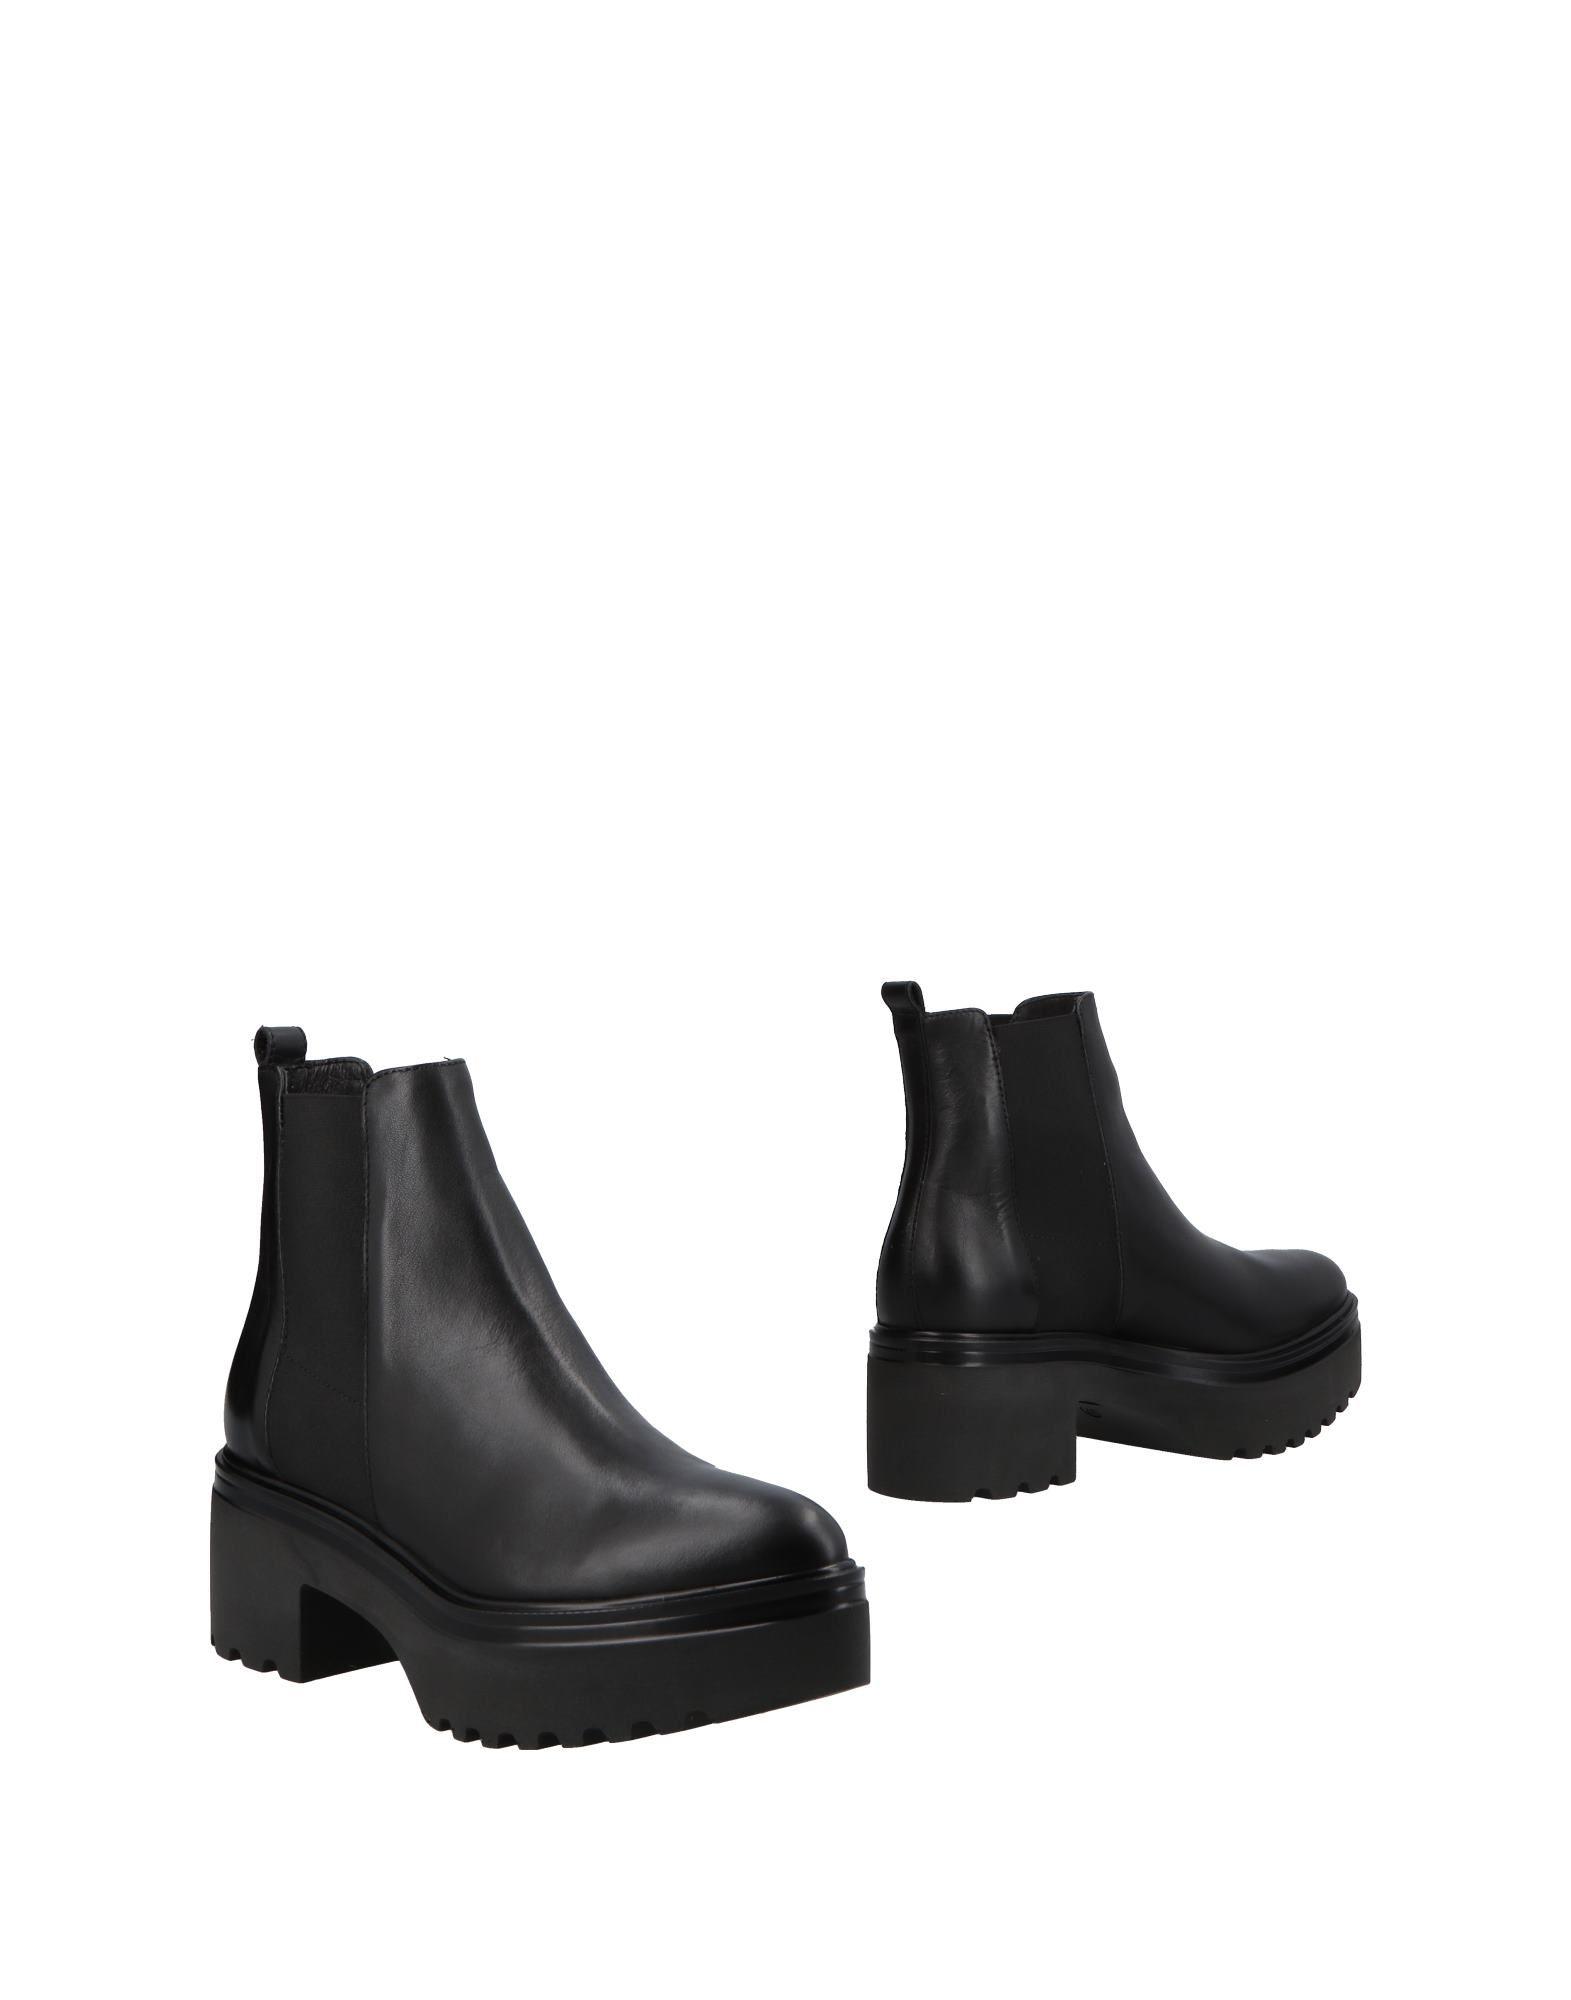 Janet Sport Chelsea Boots Damen  11504701XL Gute Qualität beliebte Schuhe